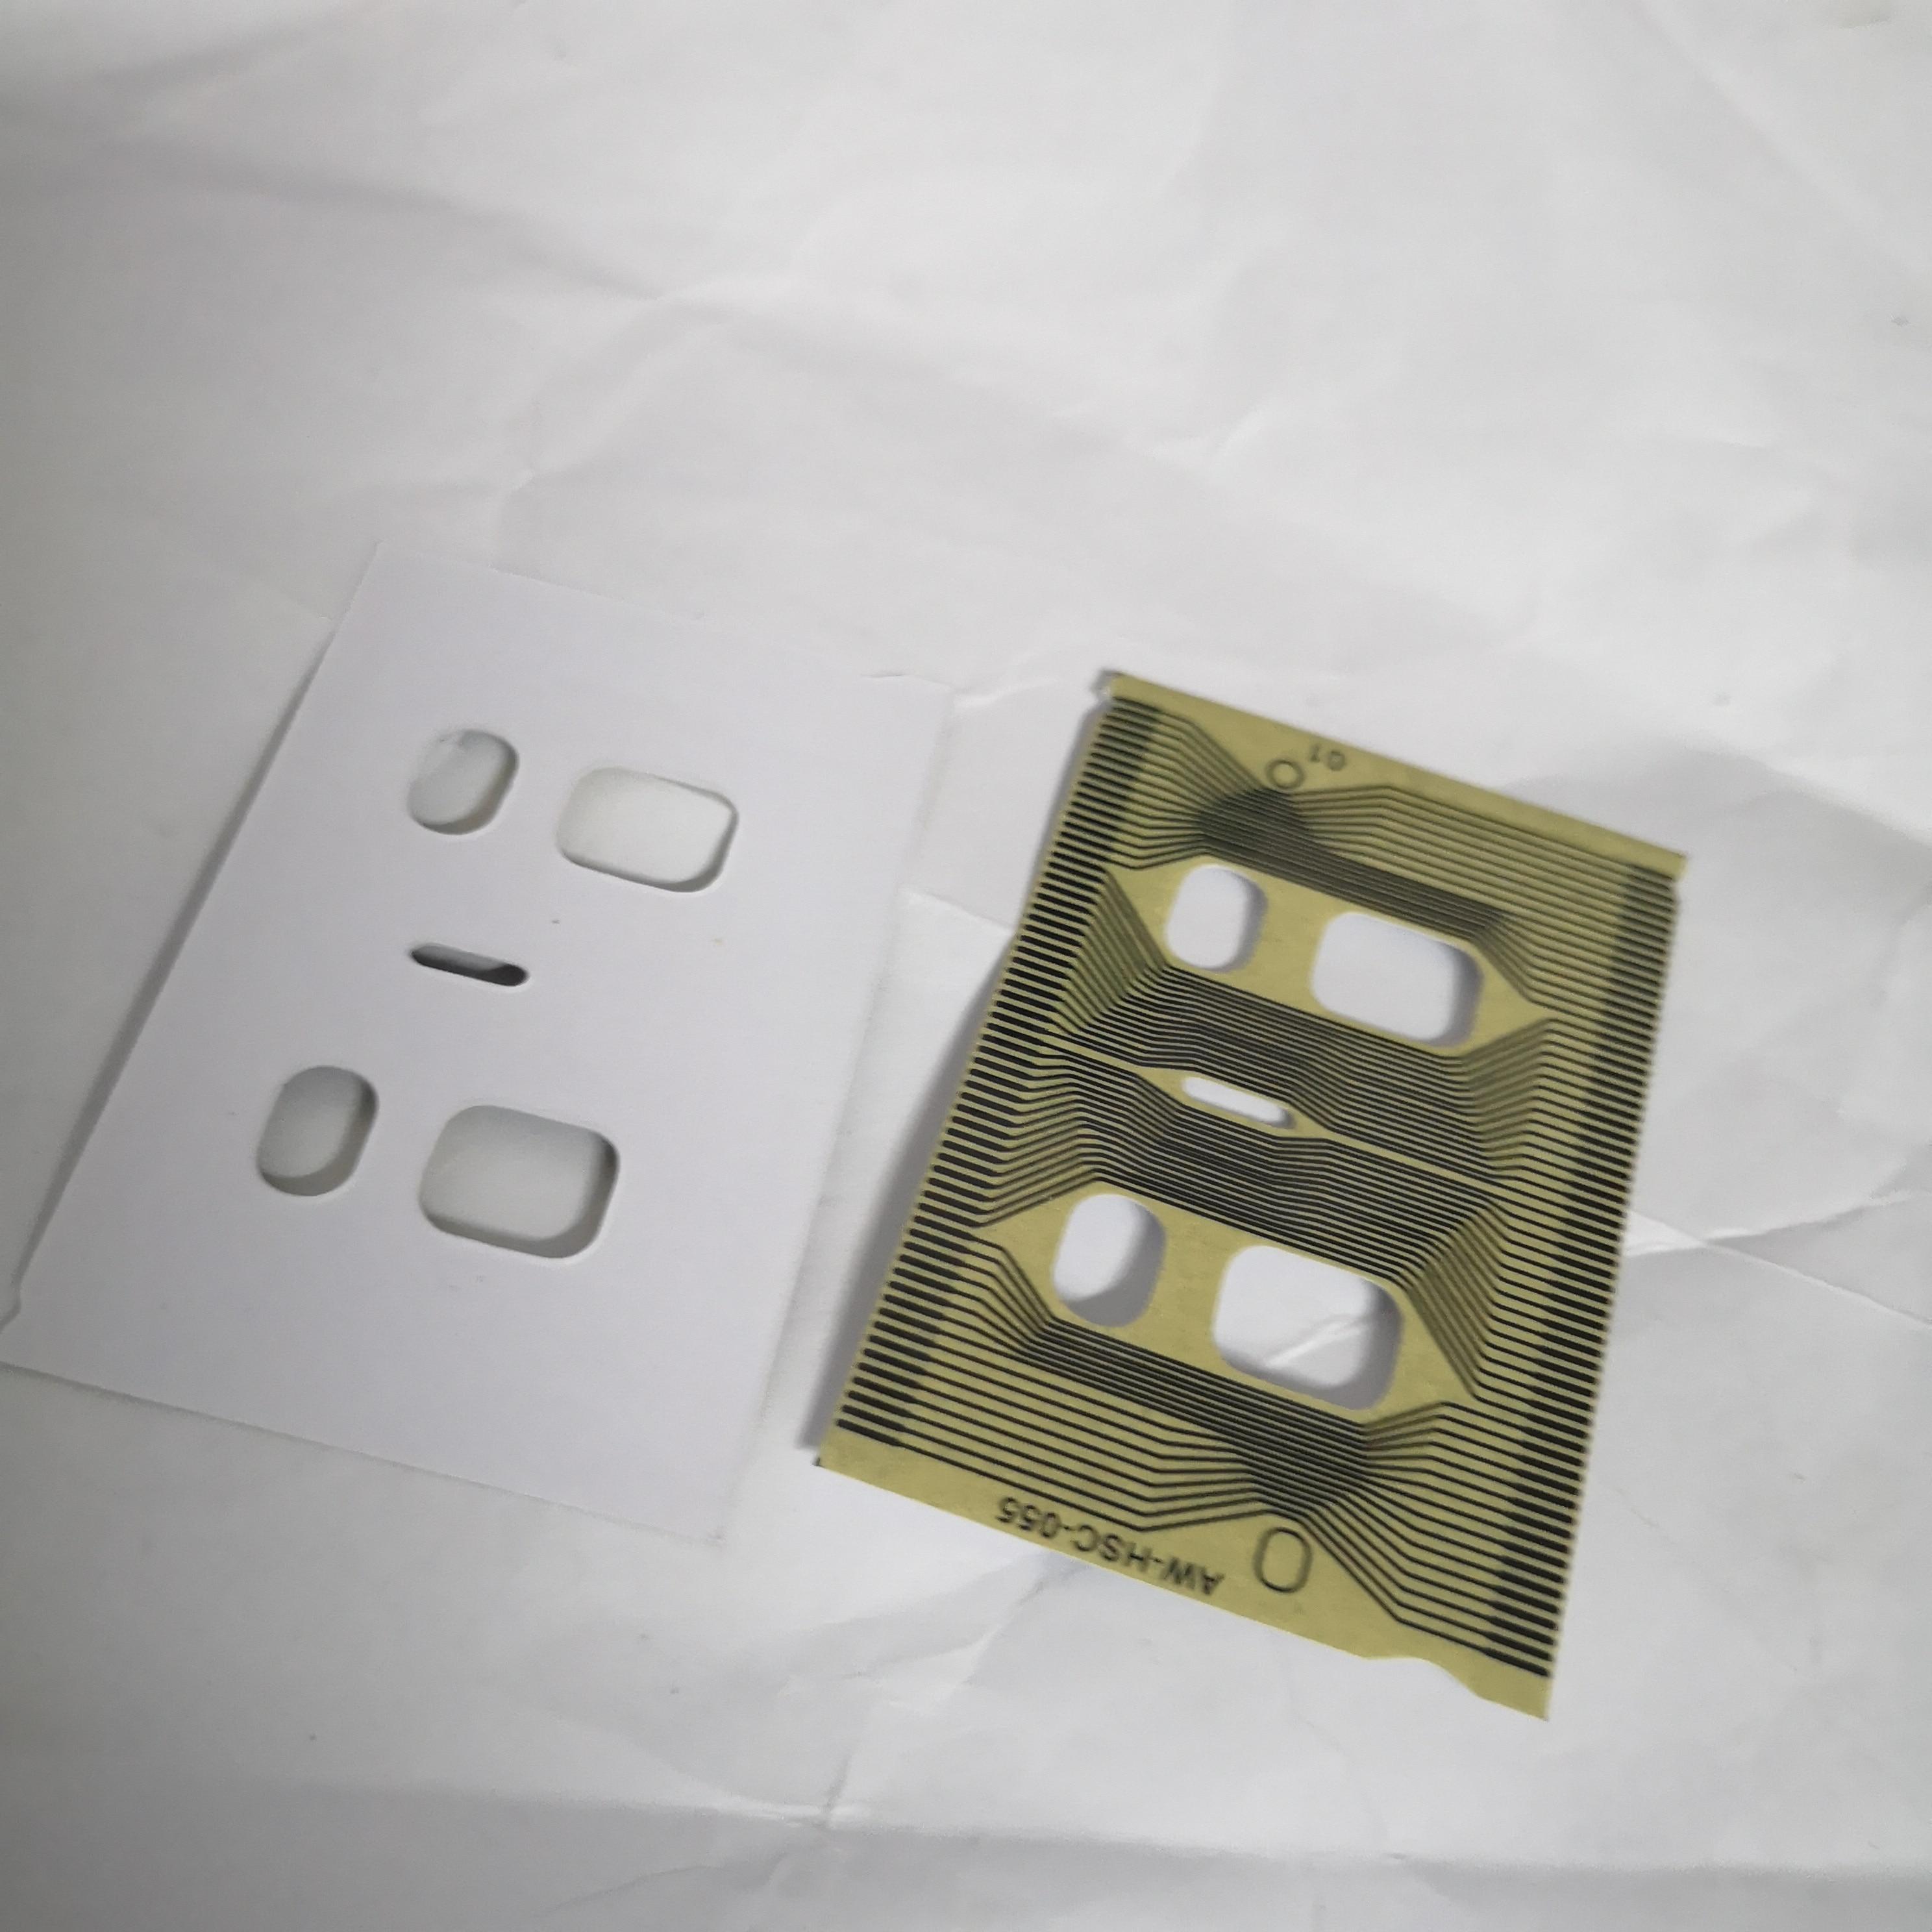 Cnpam cabo de fita conector lcd plano para audi a3 a4 a6 c5 vdo instrumento cluster pixel reparação